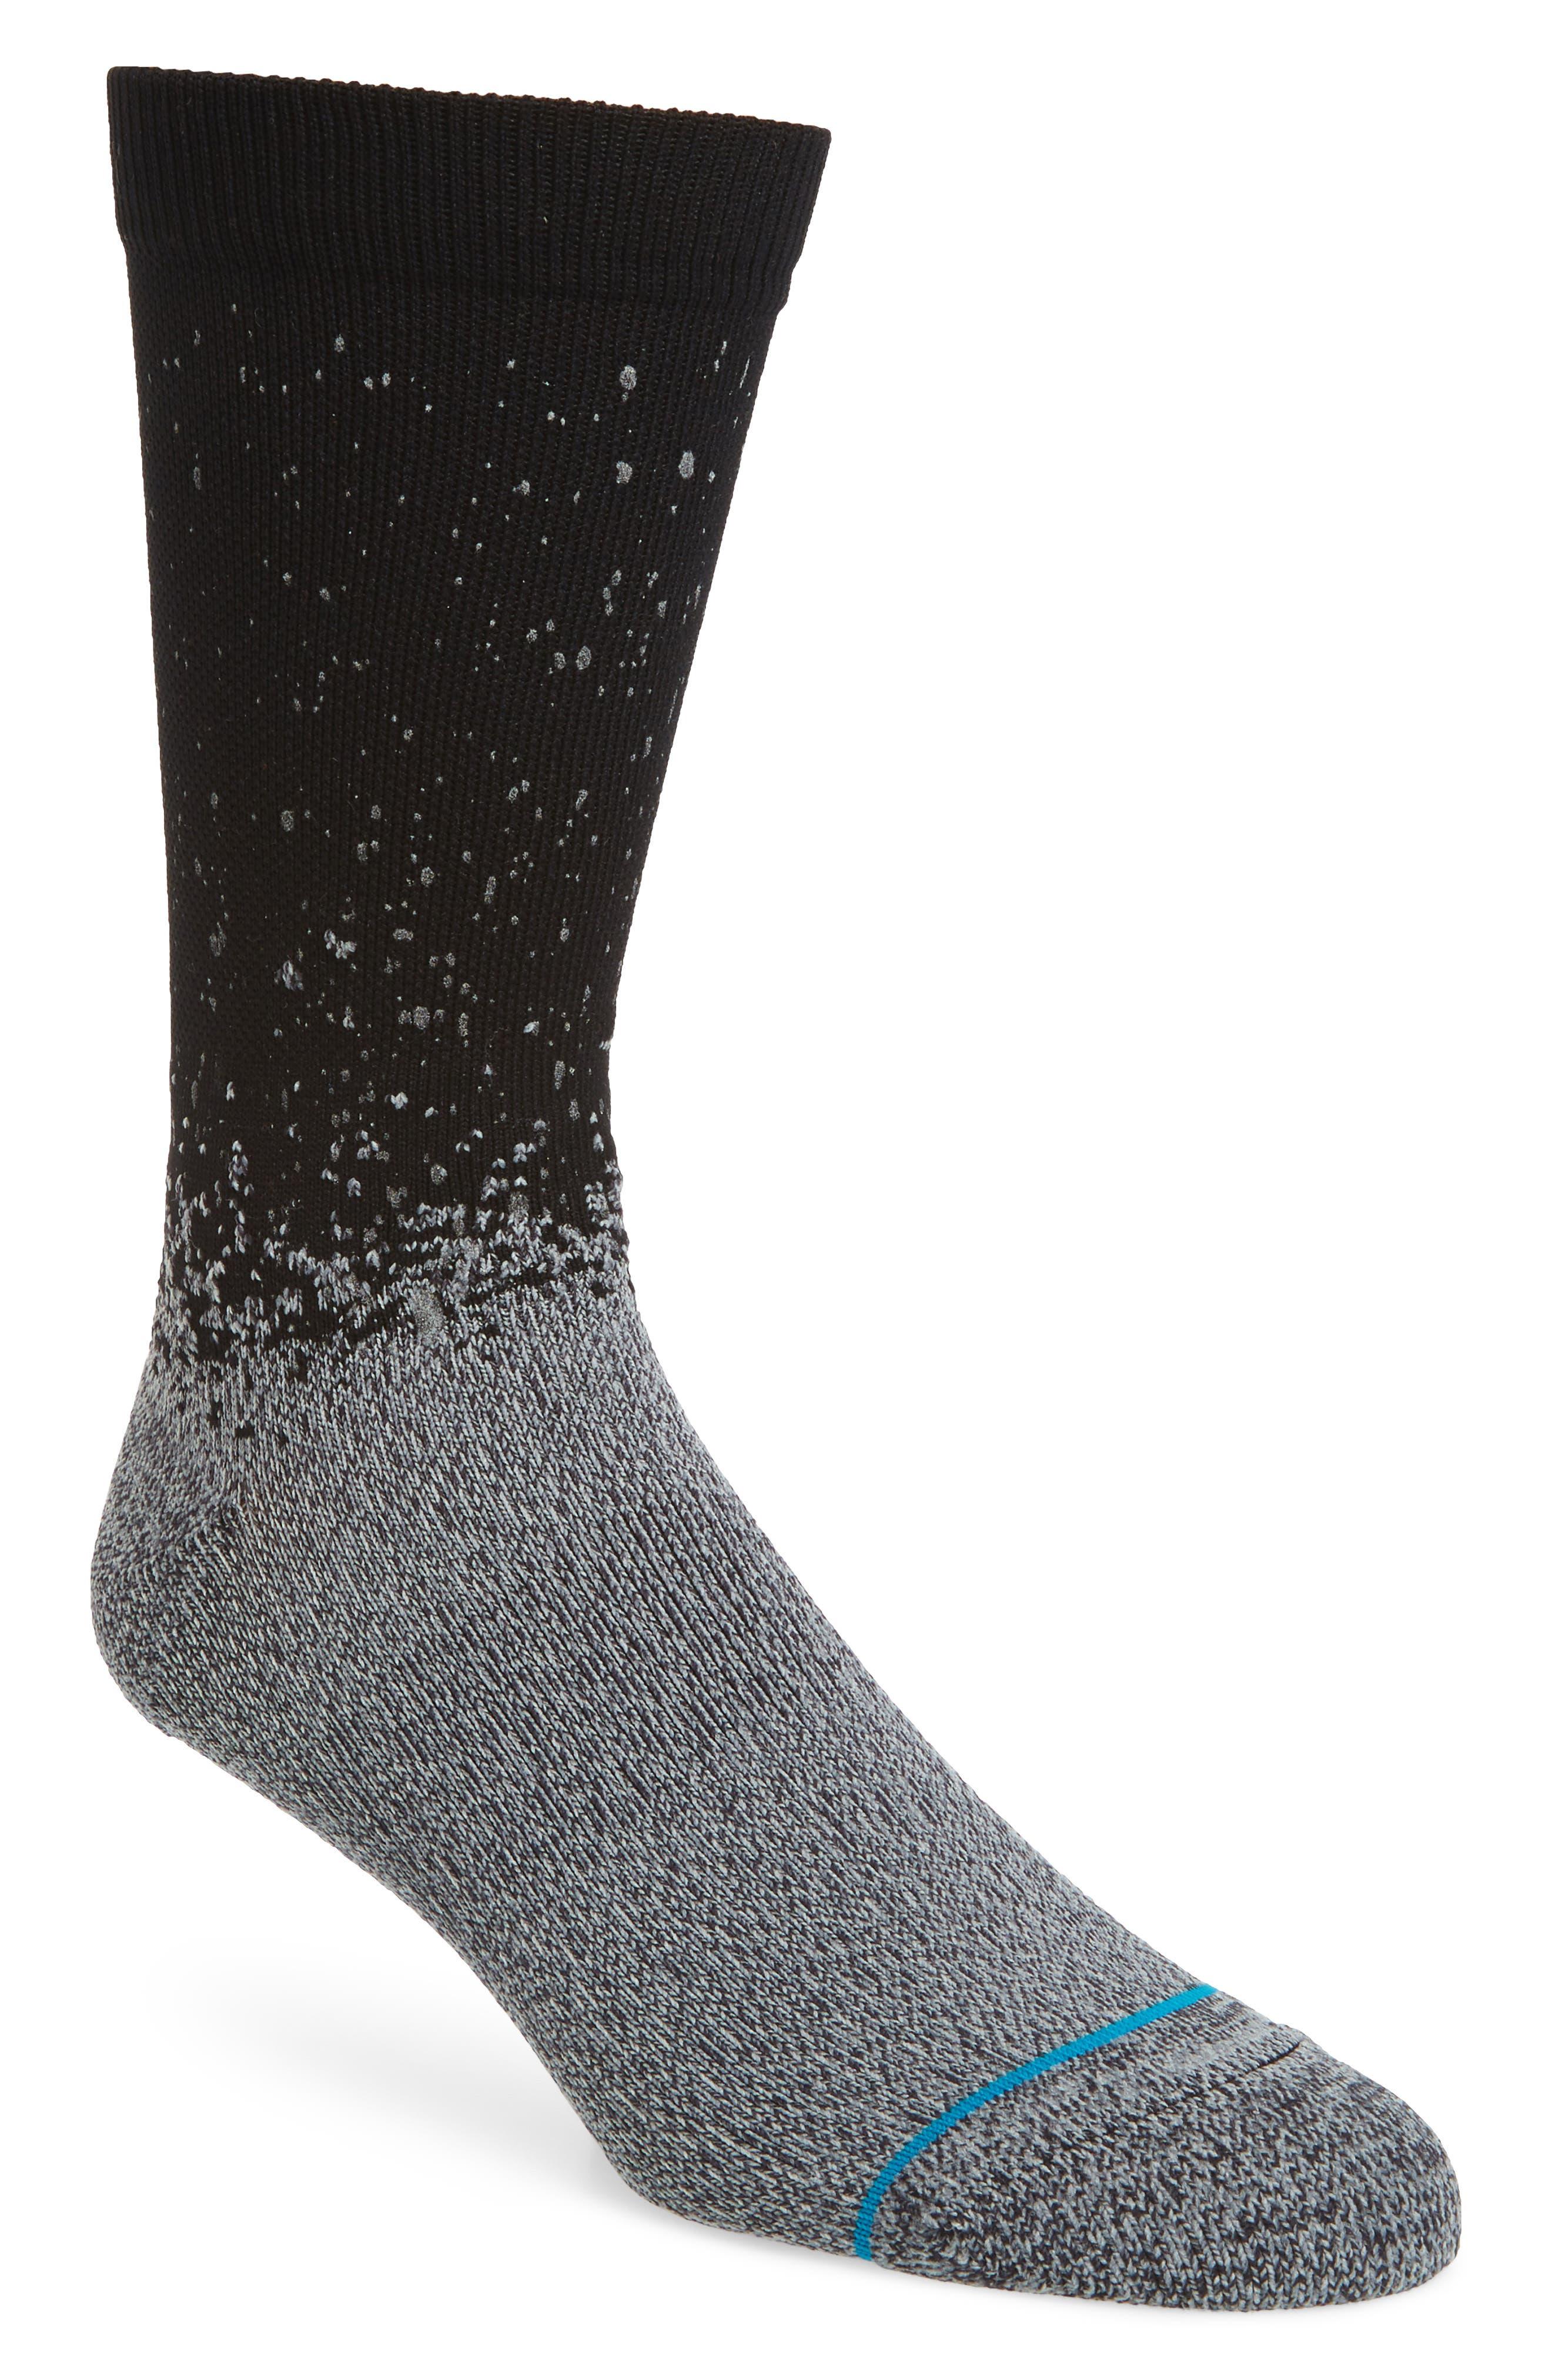 Spek Socks,                             Main thumbnail 1, color,                             BLACK